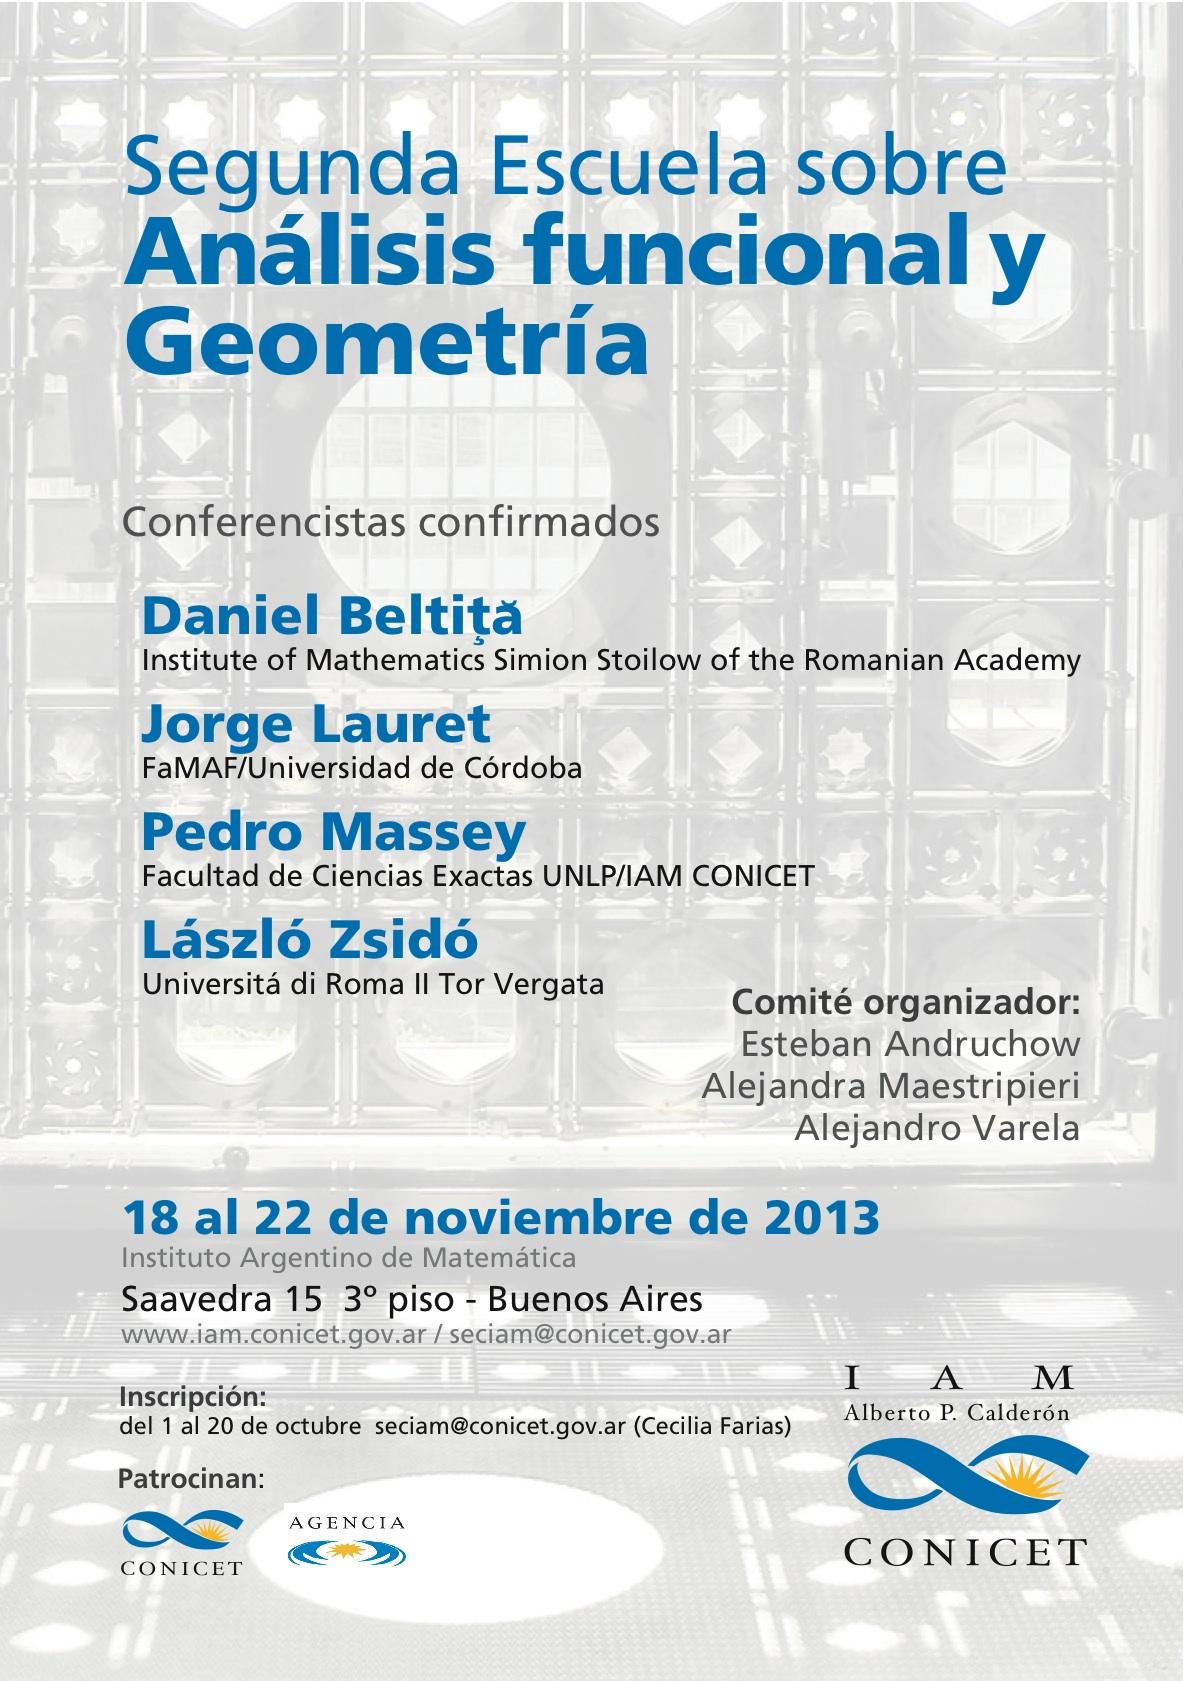 Segunda Escuela sobre Análisis Funcional y Geometría